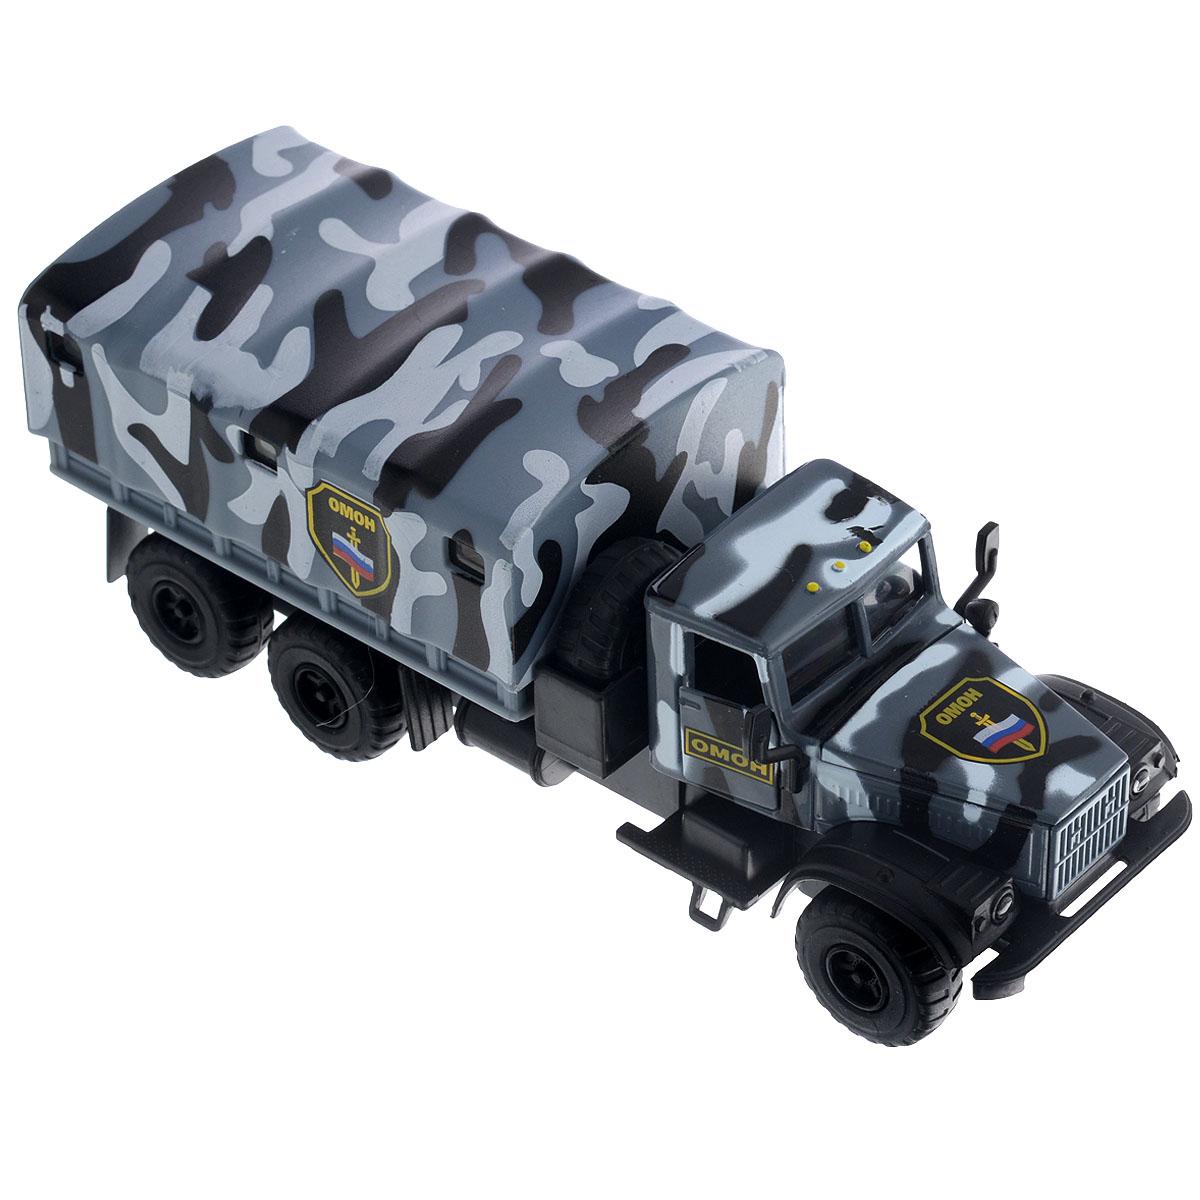 ТехноПарк Машинка инерционная Краз 255 ОМОНCT10-094-3Машинка ТехноПарк Краз 255: ОМОН, выполненная из безопасного пластика в виде машины ОМОНа, станет любимой игрушкой вашего малыша. У машины открываются двери кабины, капот и снимается тент. При нажатии кнопки, расположенной на корпусе кабины, начинают светиться фары под голос инспектора, сообщающего о необходимости снижения скорости. Игрушка оснащена инерционным ходом. Машинку необходимо отвести назад, затем отпустить - и она быстро поедет вперед. Прорезиненные колеса обеспечивают надежное сцепление с любой поверхностью пола. Ваш ребенок будет часами играть с этой машинкой, придумывая различные истории. Порадуйте его таким замечательным подарком! Игрушка работает от батареек (товар комплектуется демонстрационными).